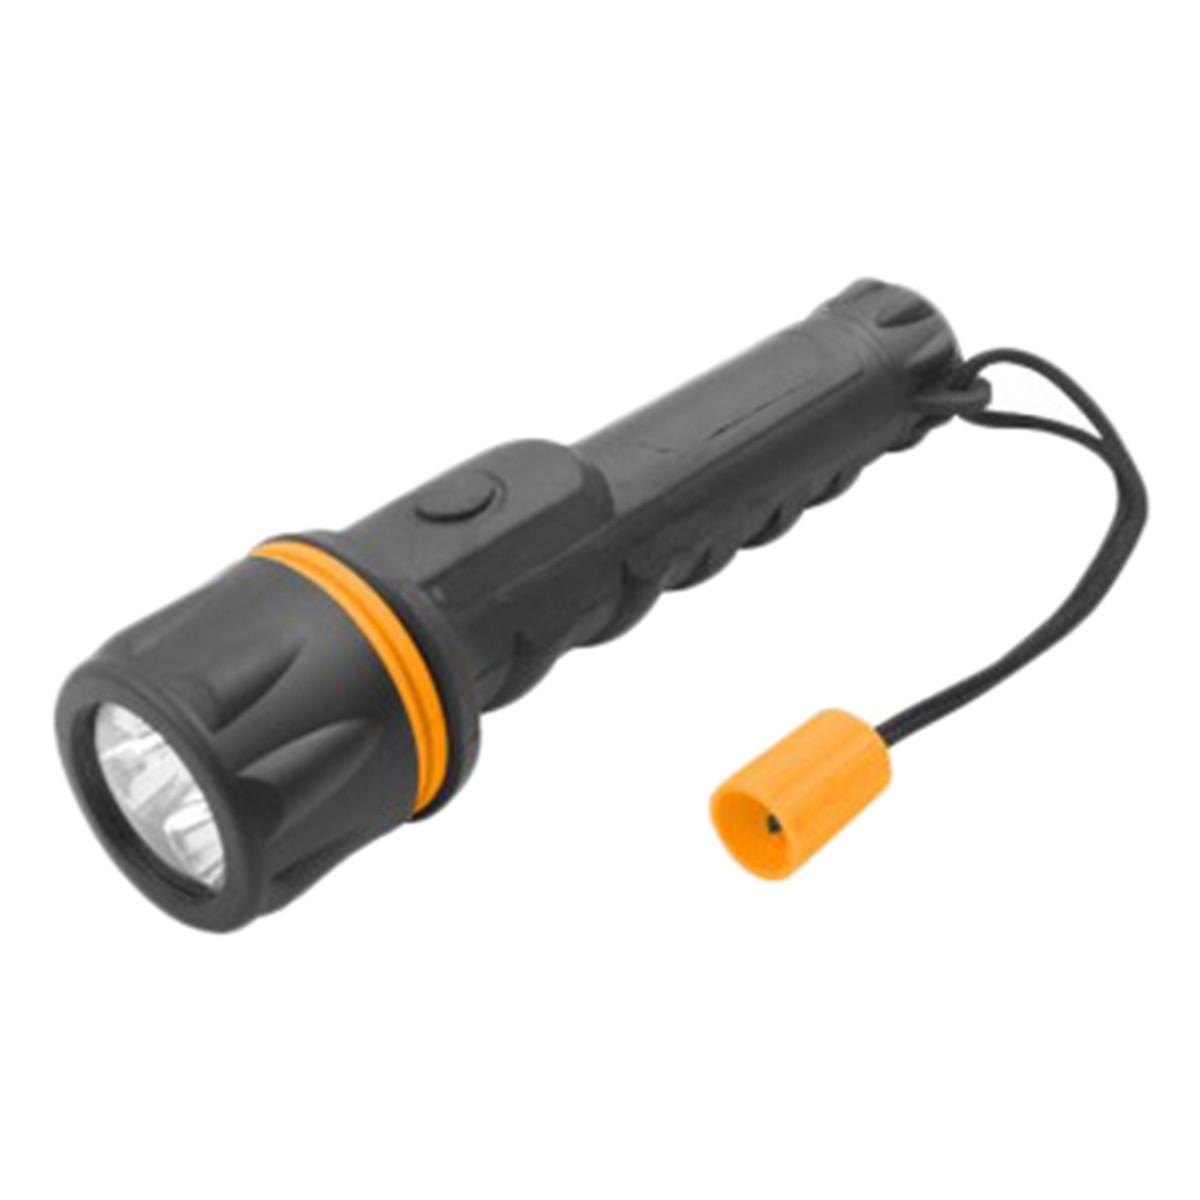 Фонарь Tolsen водонепроницаемый IP62 пластик 40х148мм 3-LED 12 лм (60020)